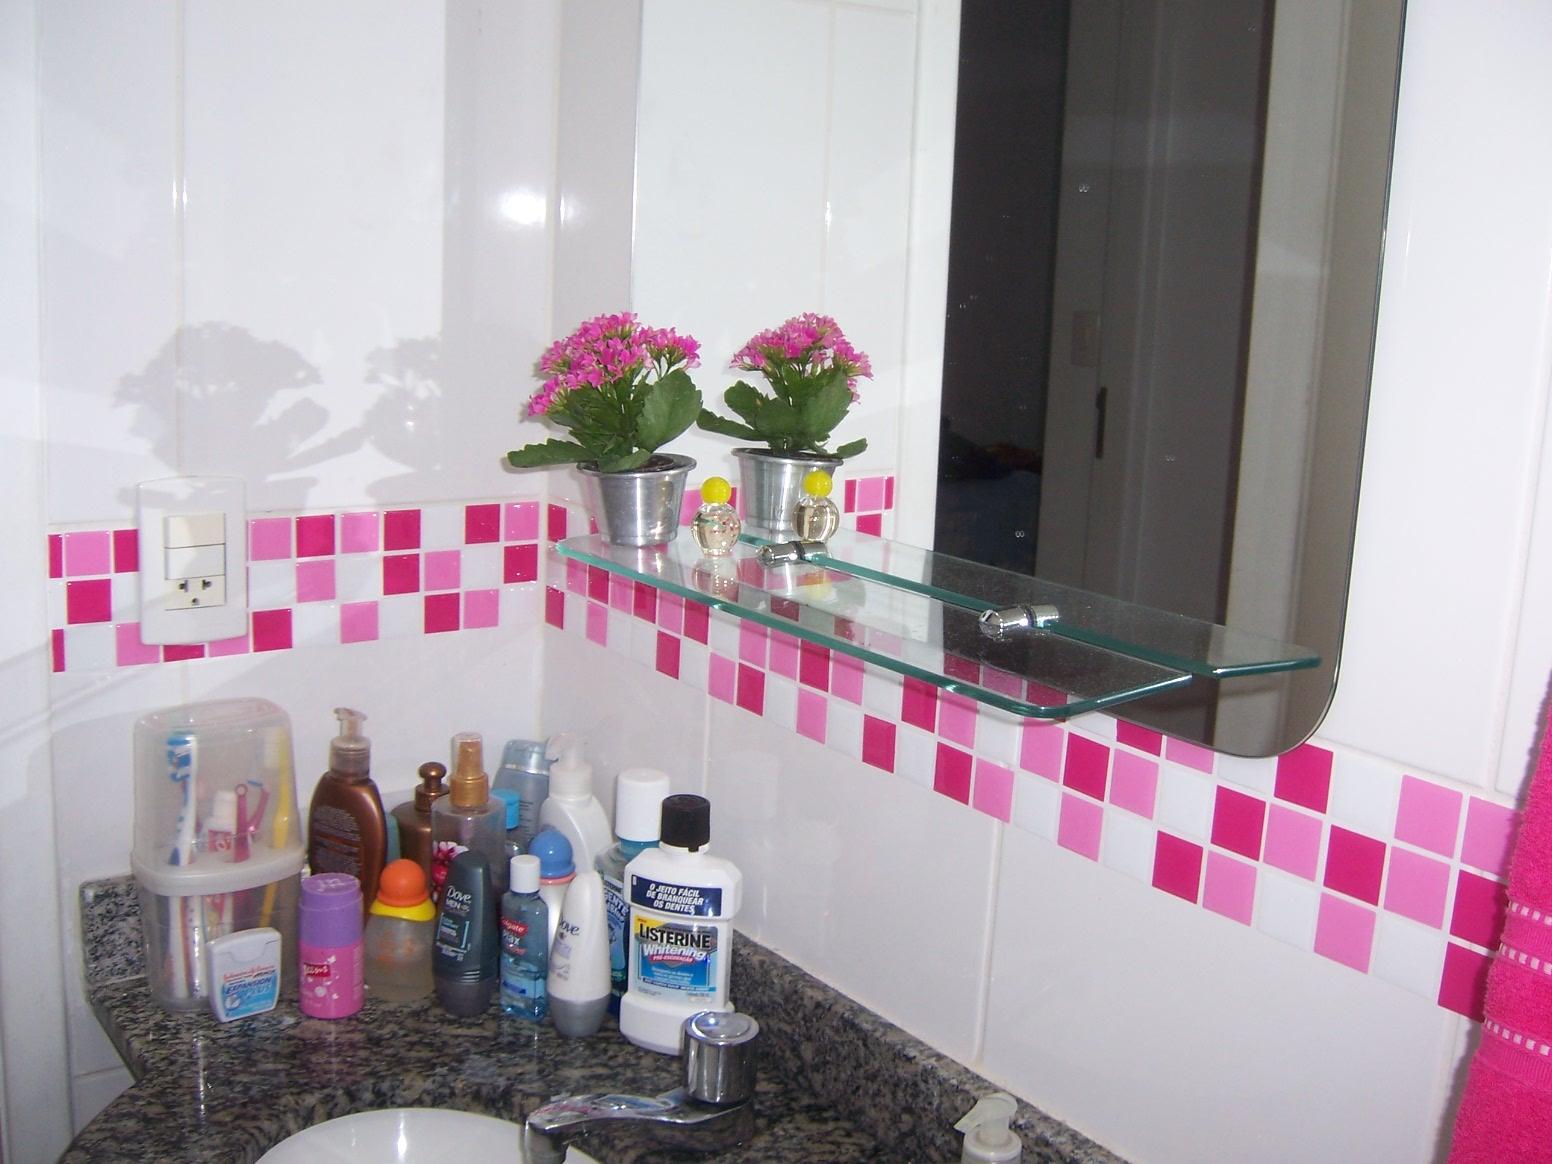 #A5265F Pastilhas de vidro adesivas uma nova solução na decoração 1552x1164 px Banheiros Decorados Lilas 1007